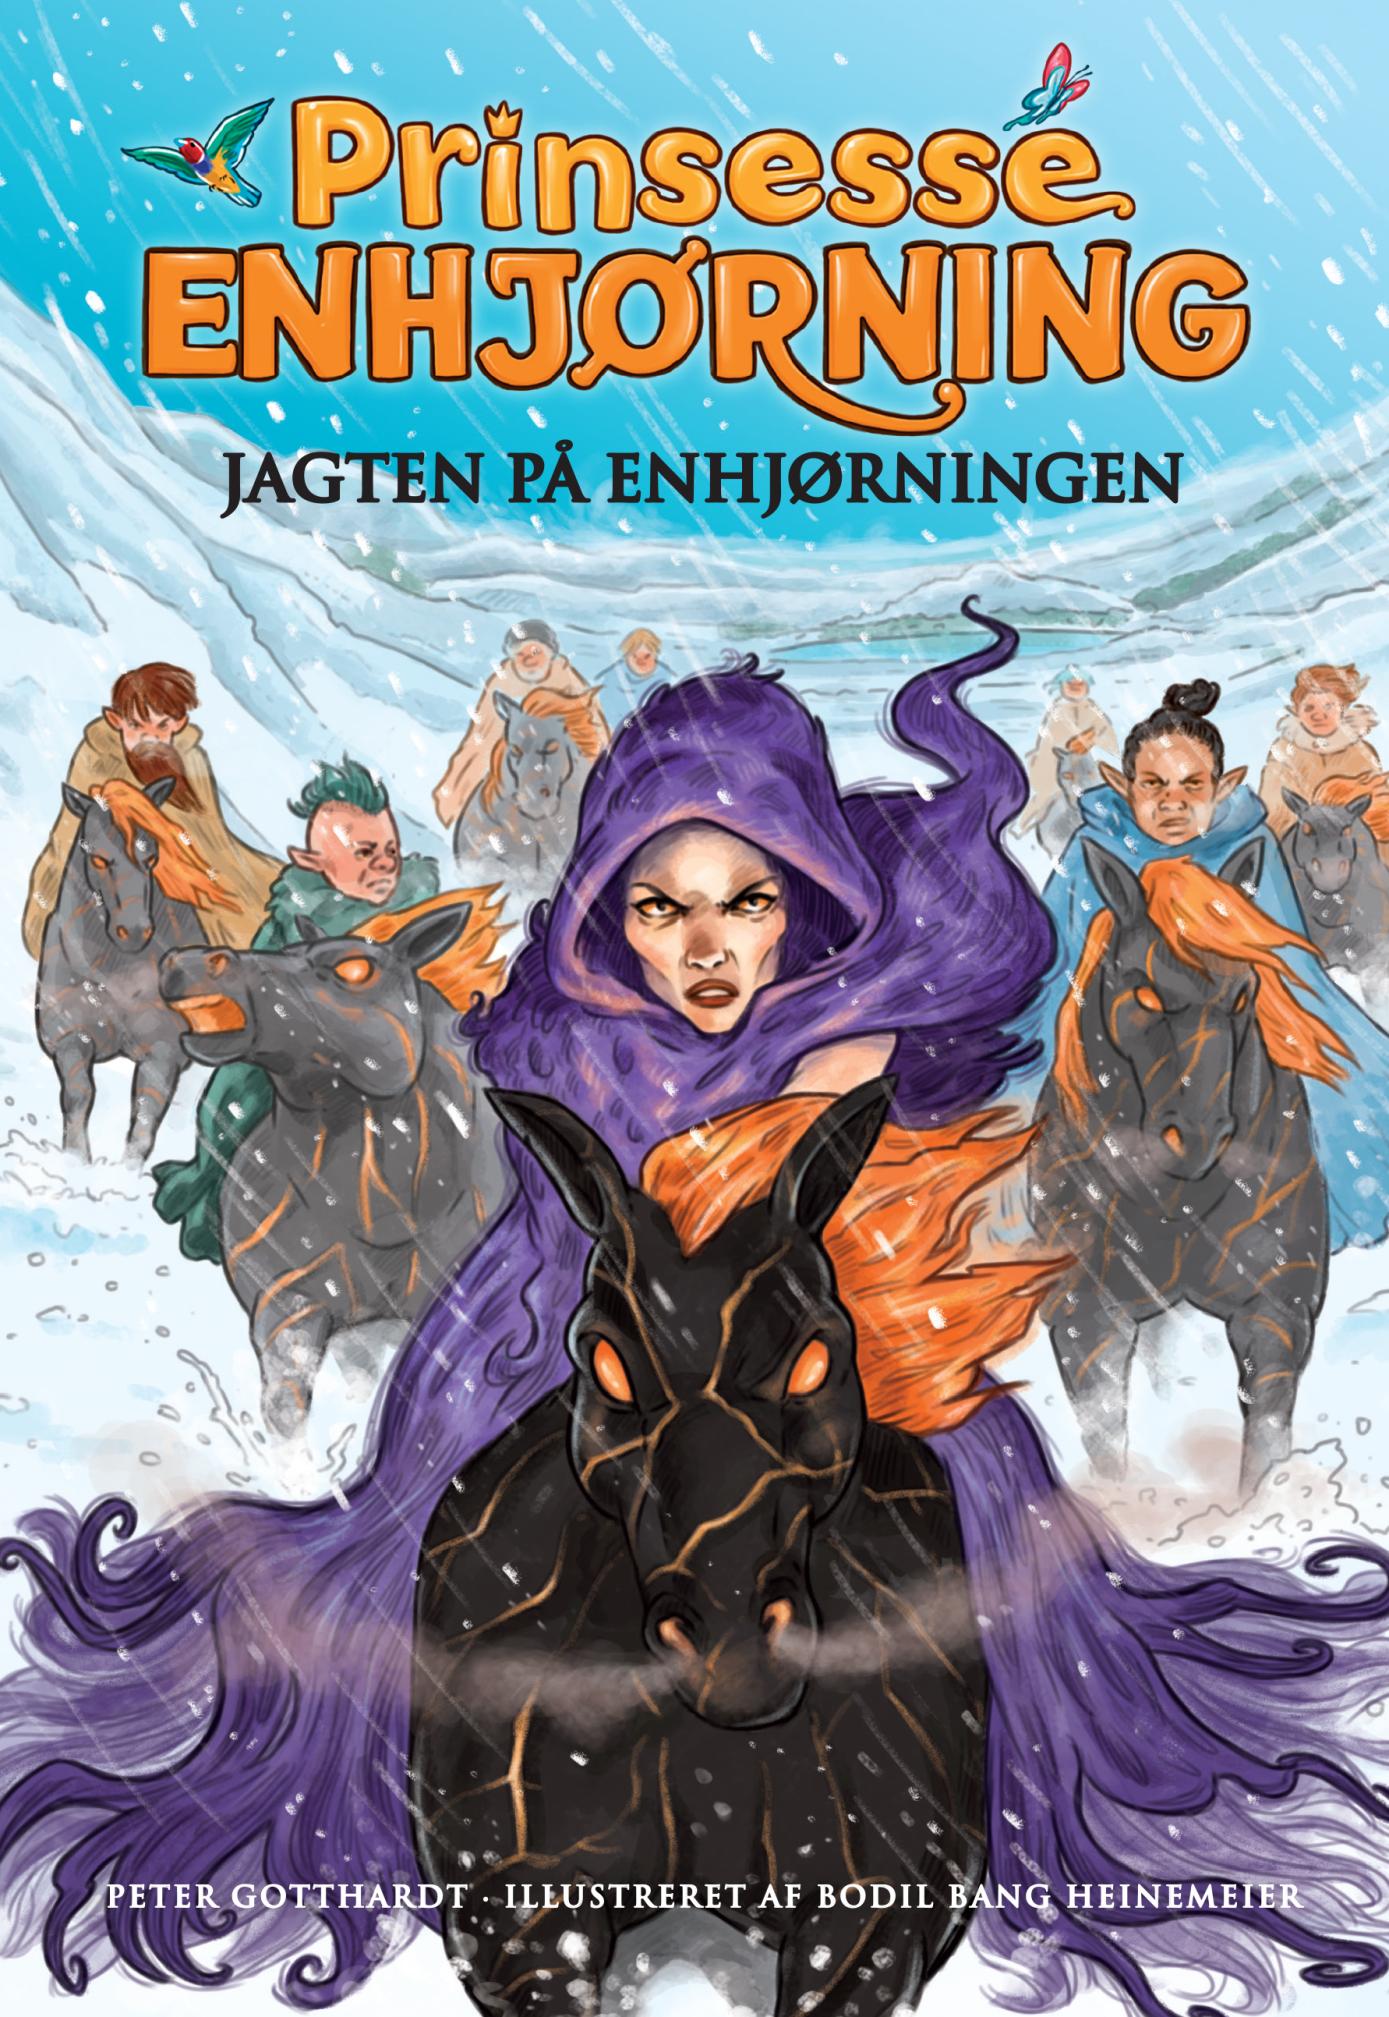 Prinsesse Enhjørning #6: Jagten på enhjørningen - Maneno